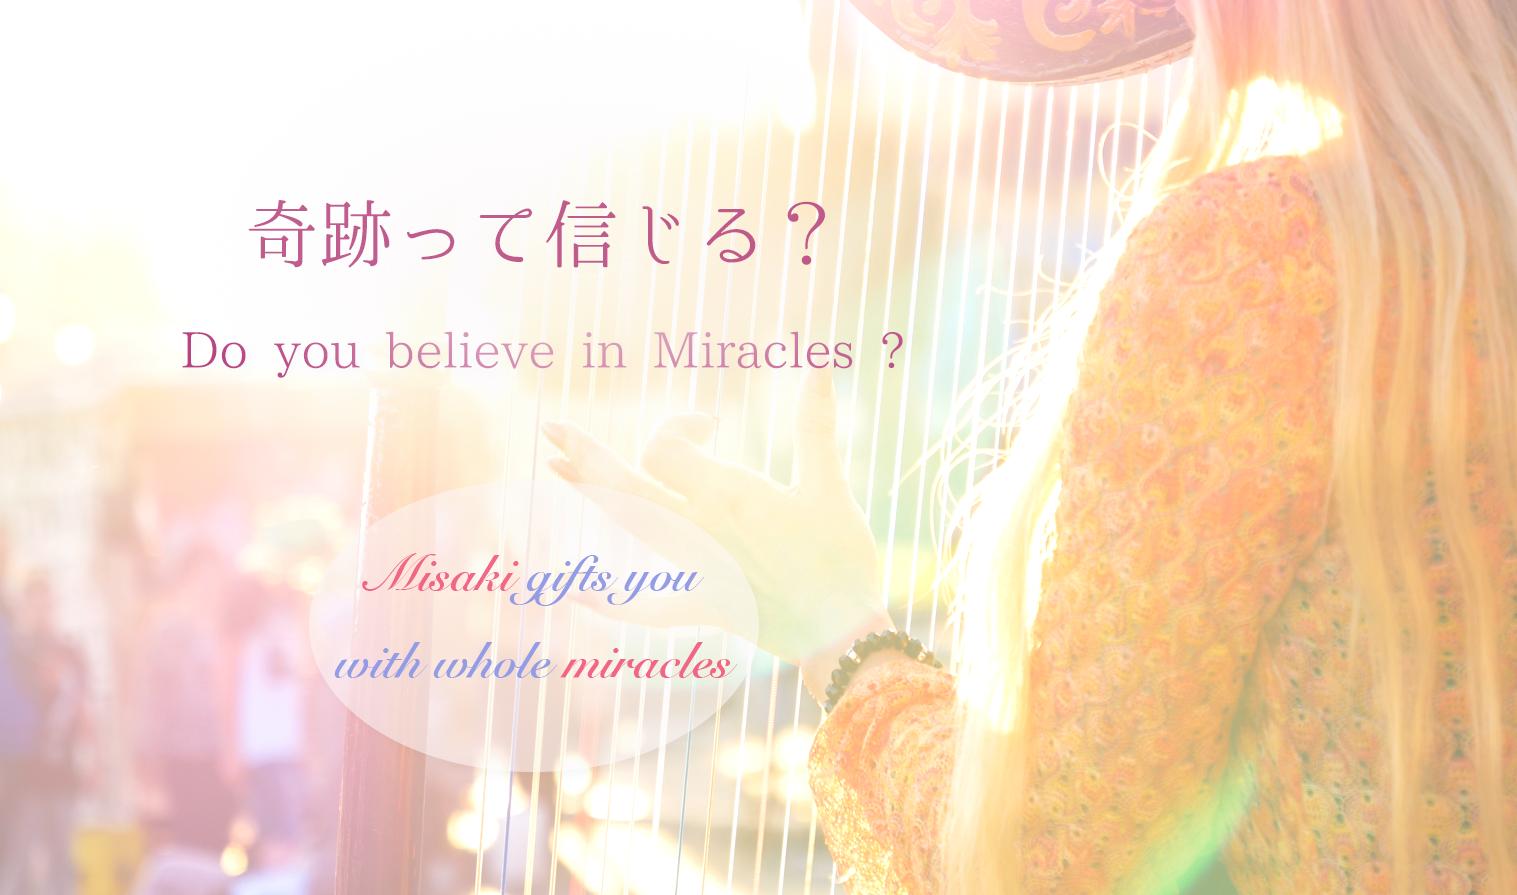 【制作事例】株式会社ミユ様のブログサイト